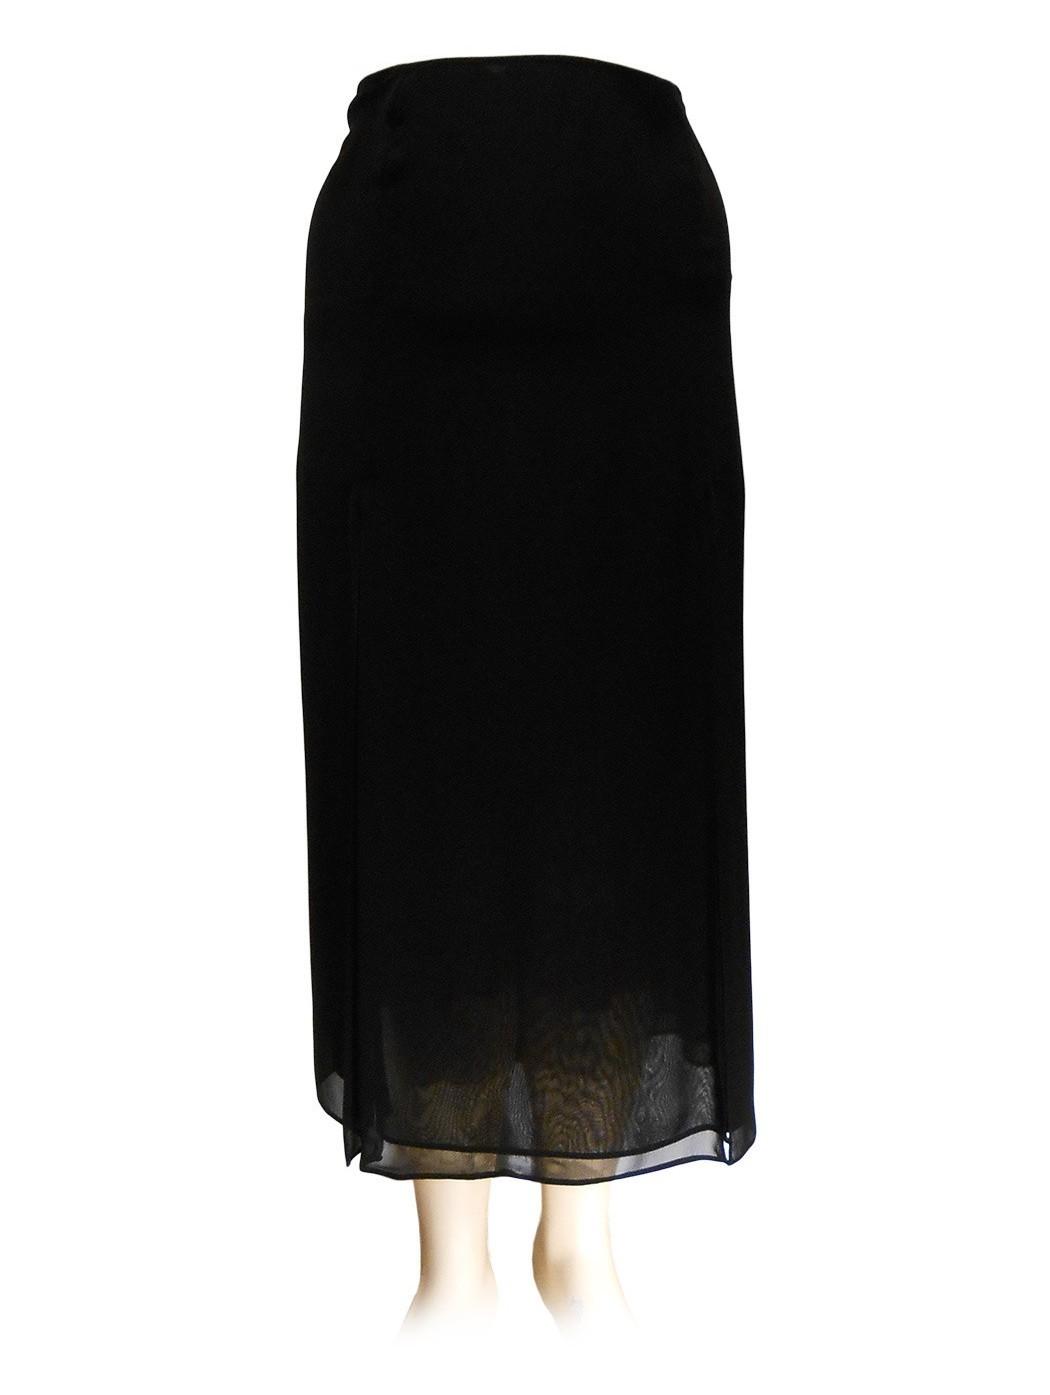 Hella chiffon skirt